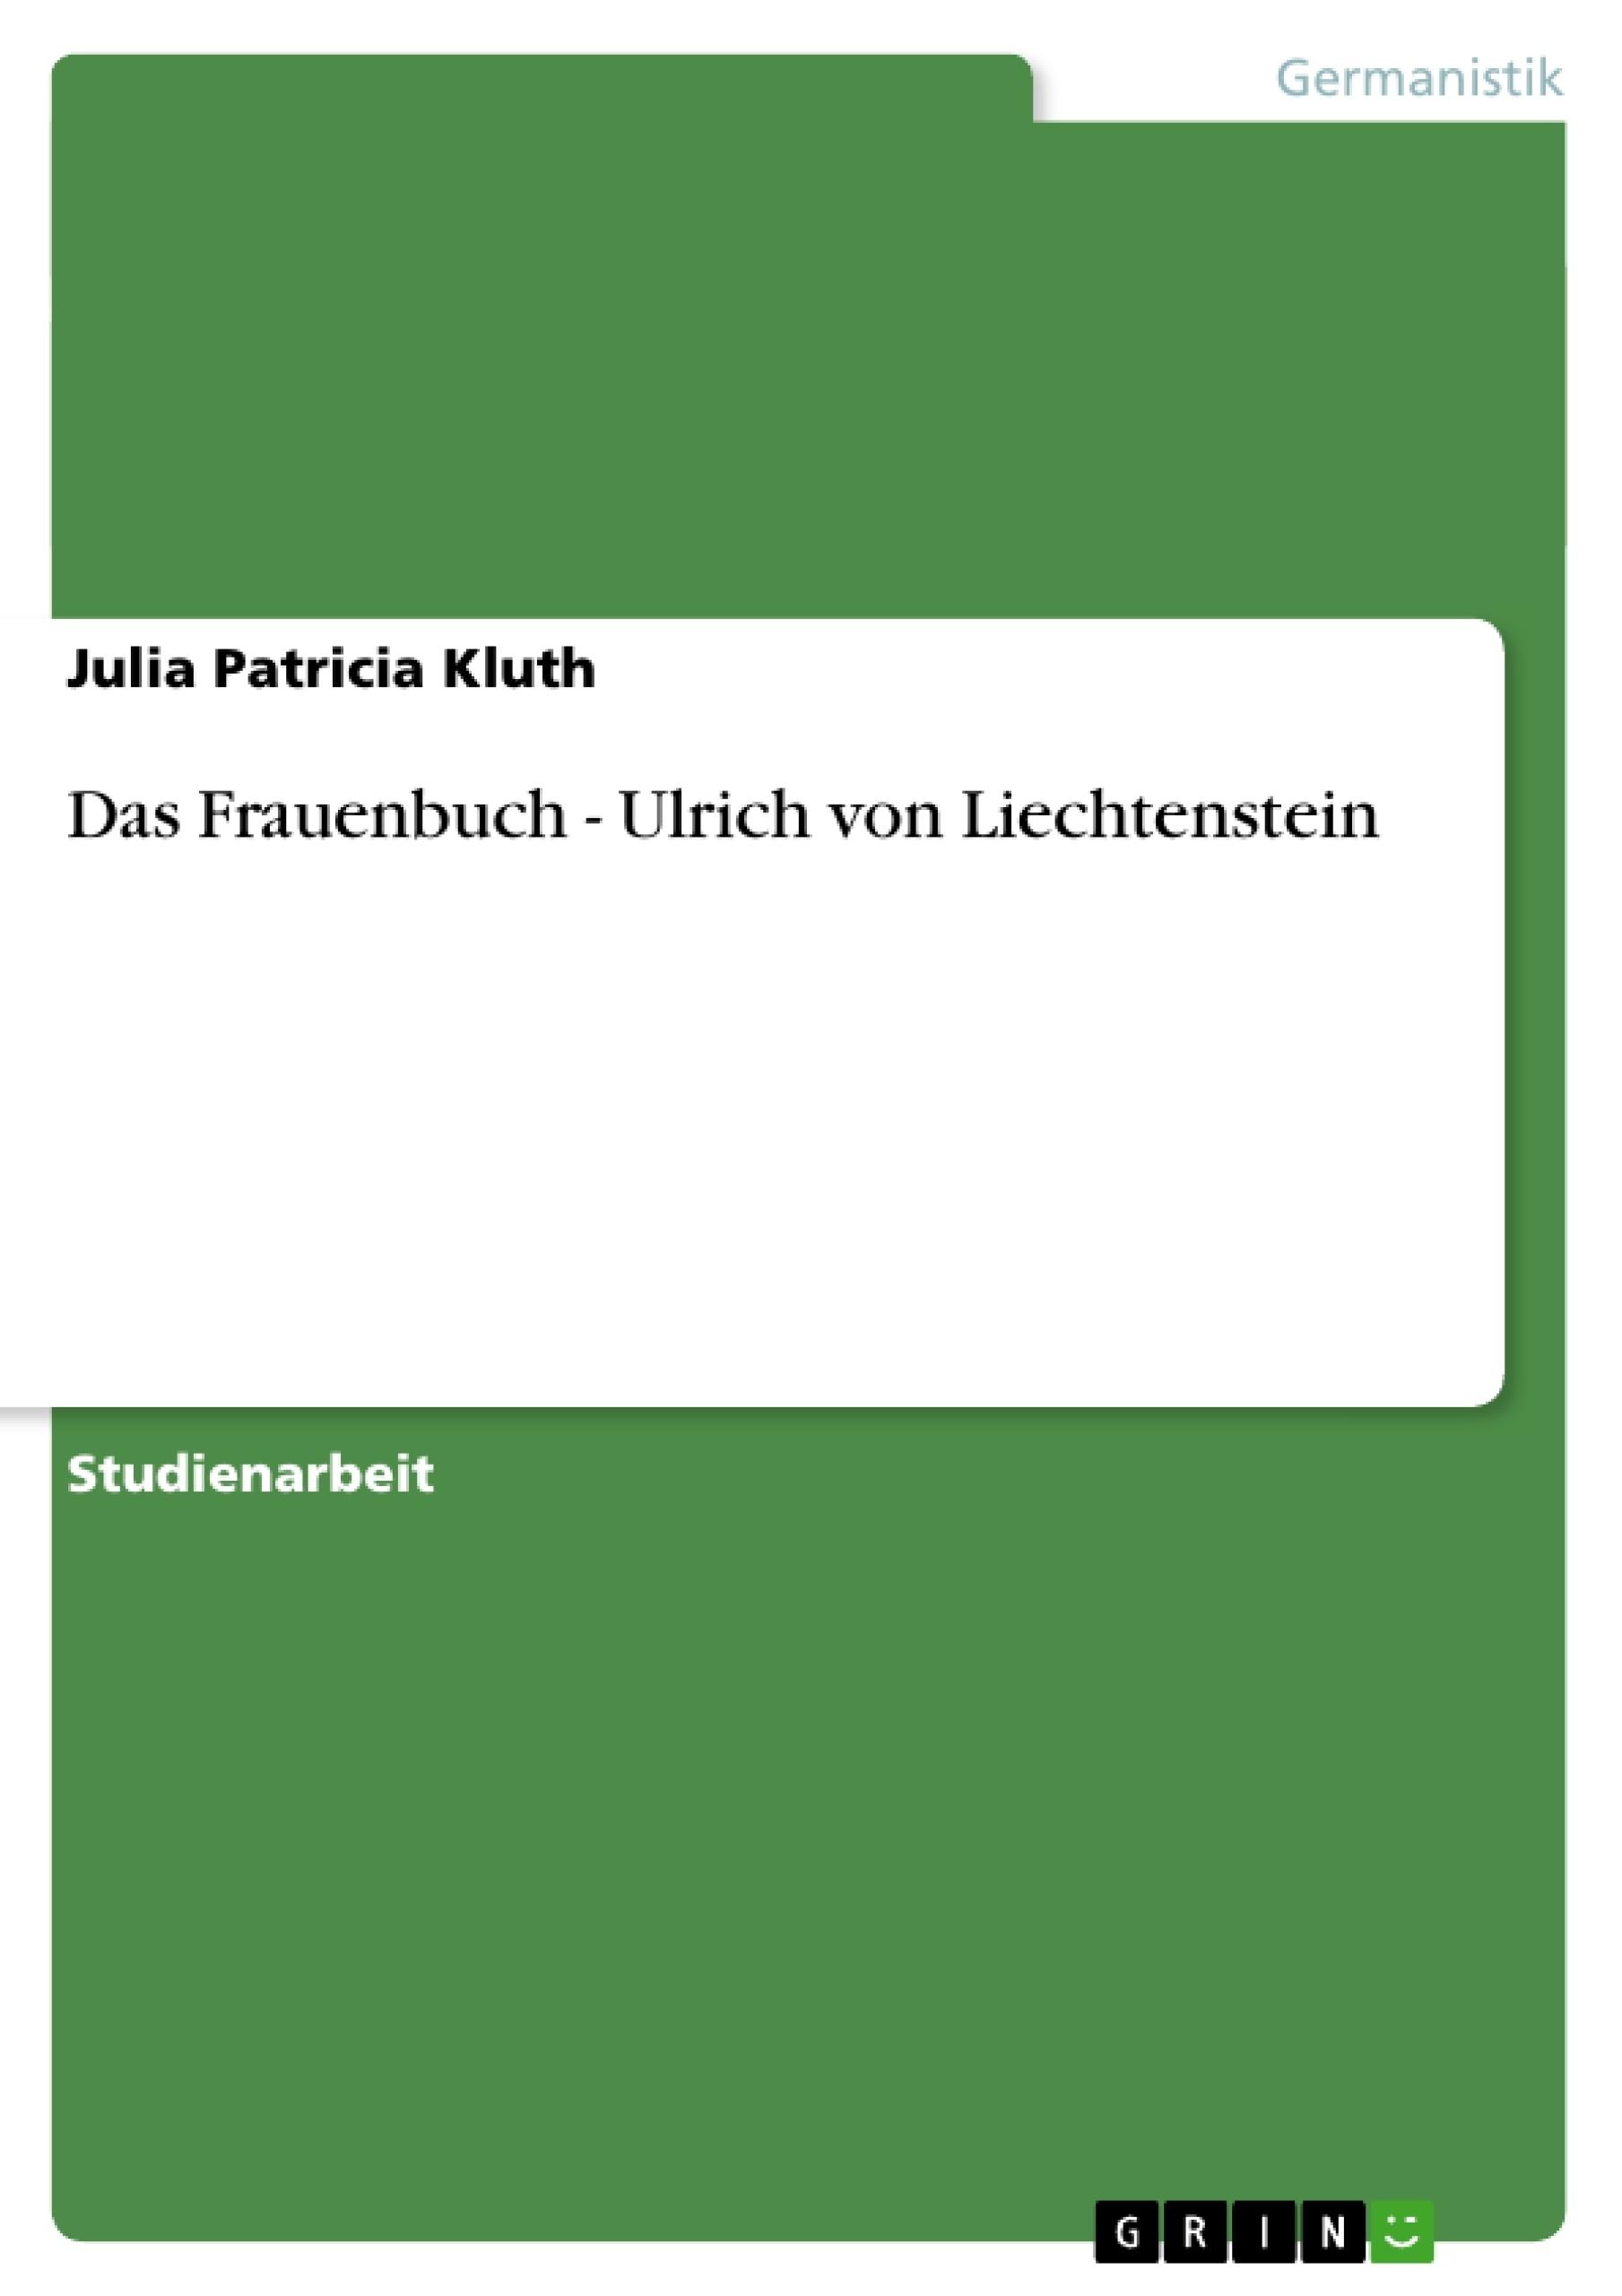 Titel: Das Frauenbuch - Ulrich von Liechtenstein